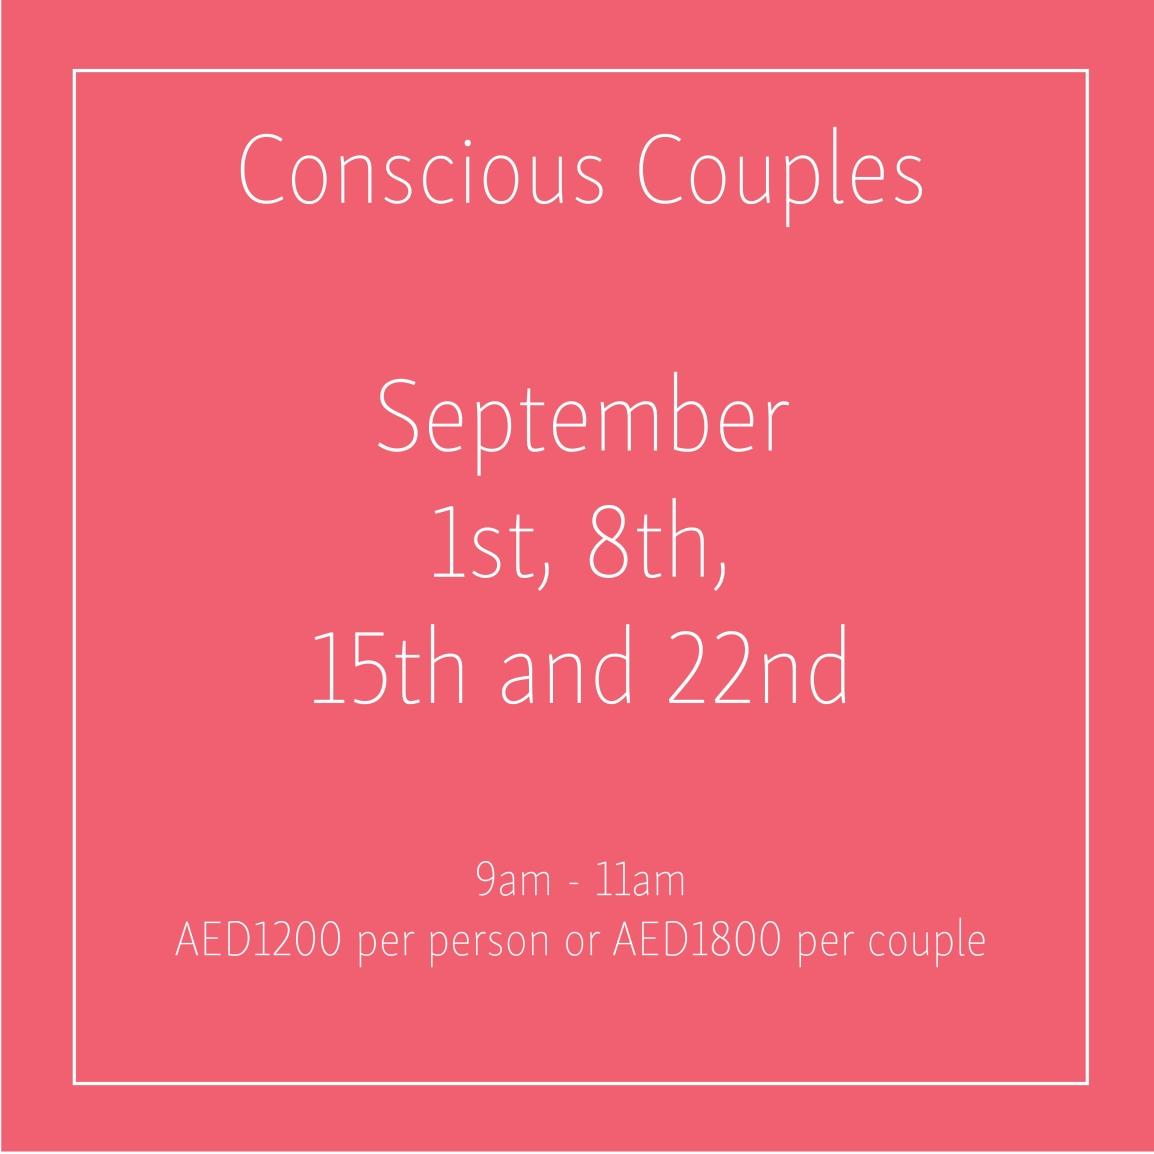 conscious couples_Social Media Art 1